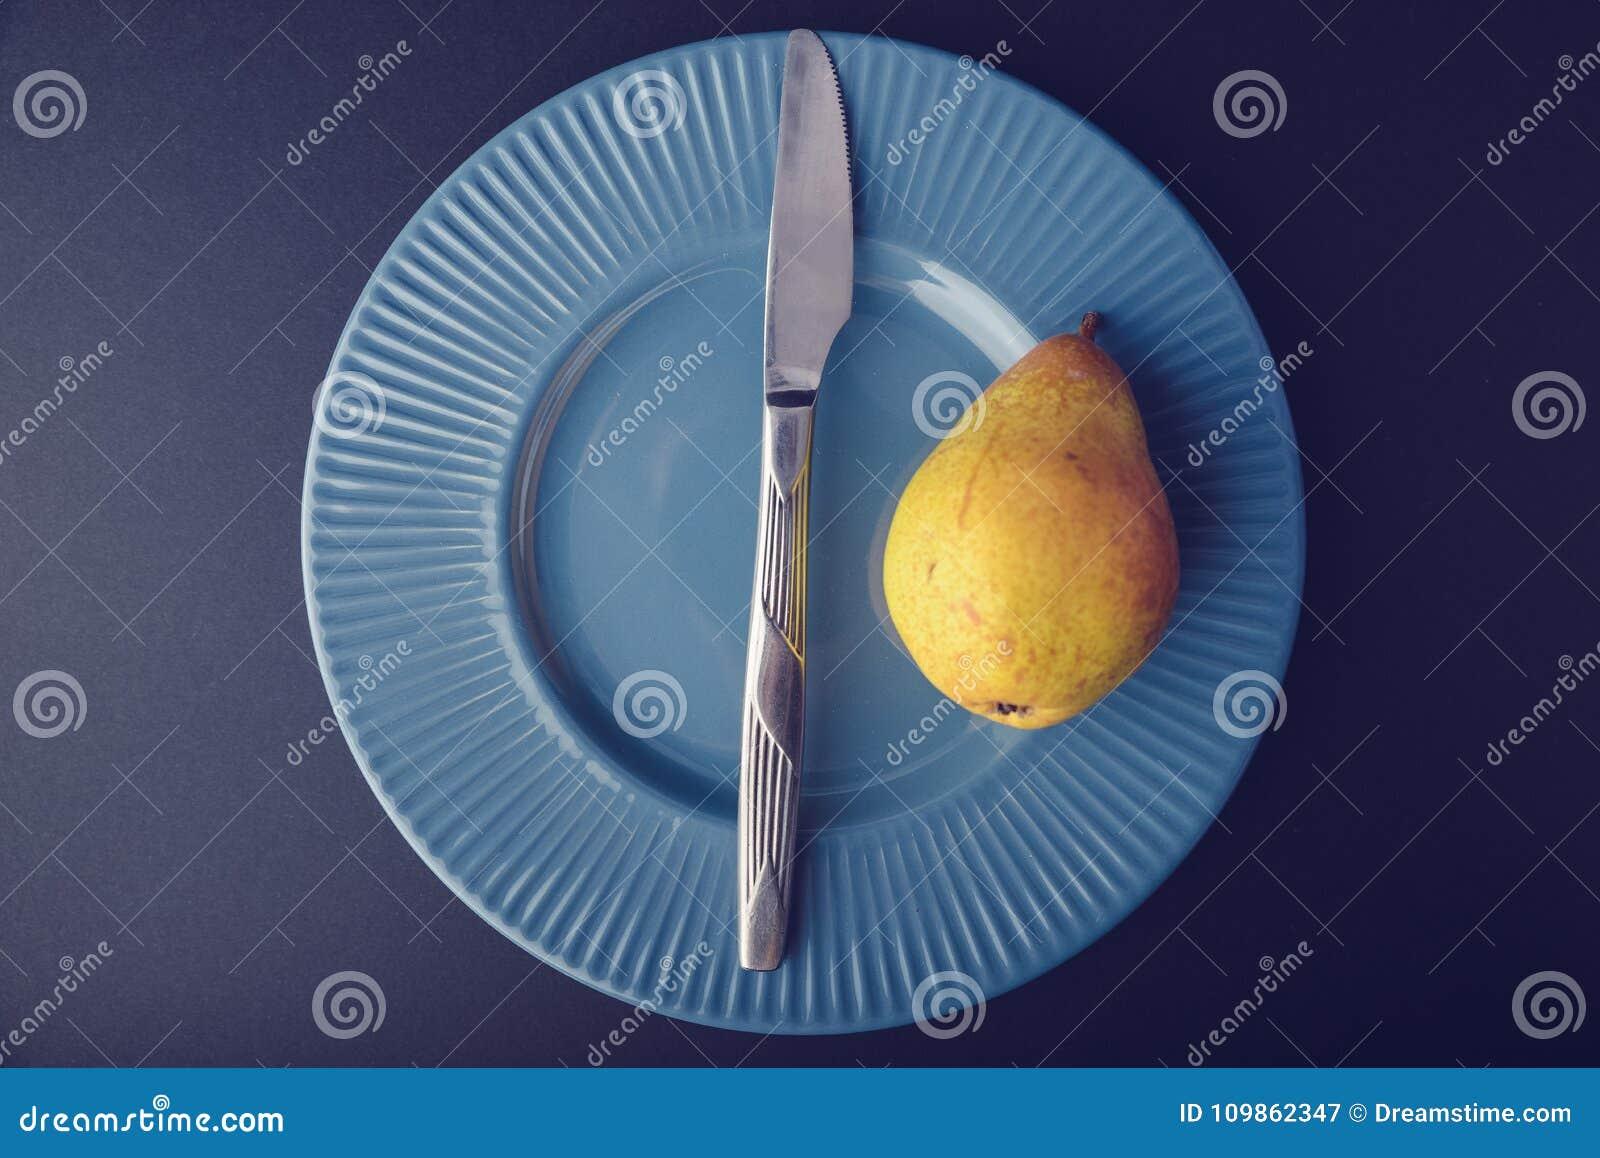 Винтажное украшение плакировкой - желтая груша